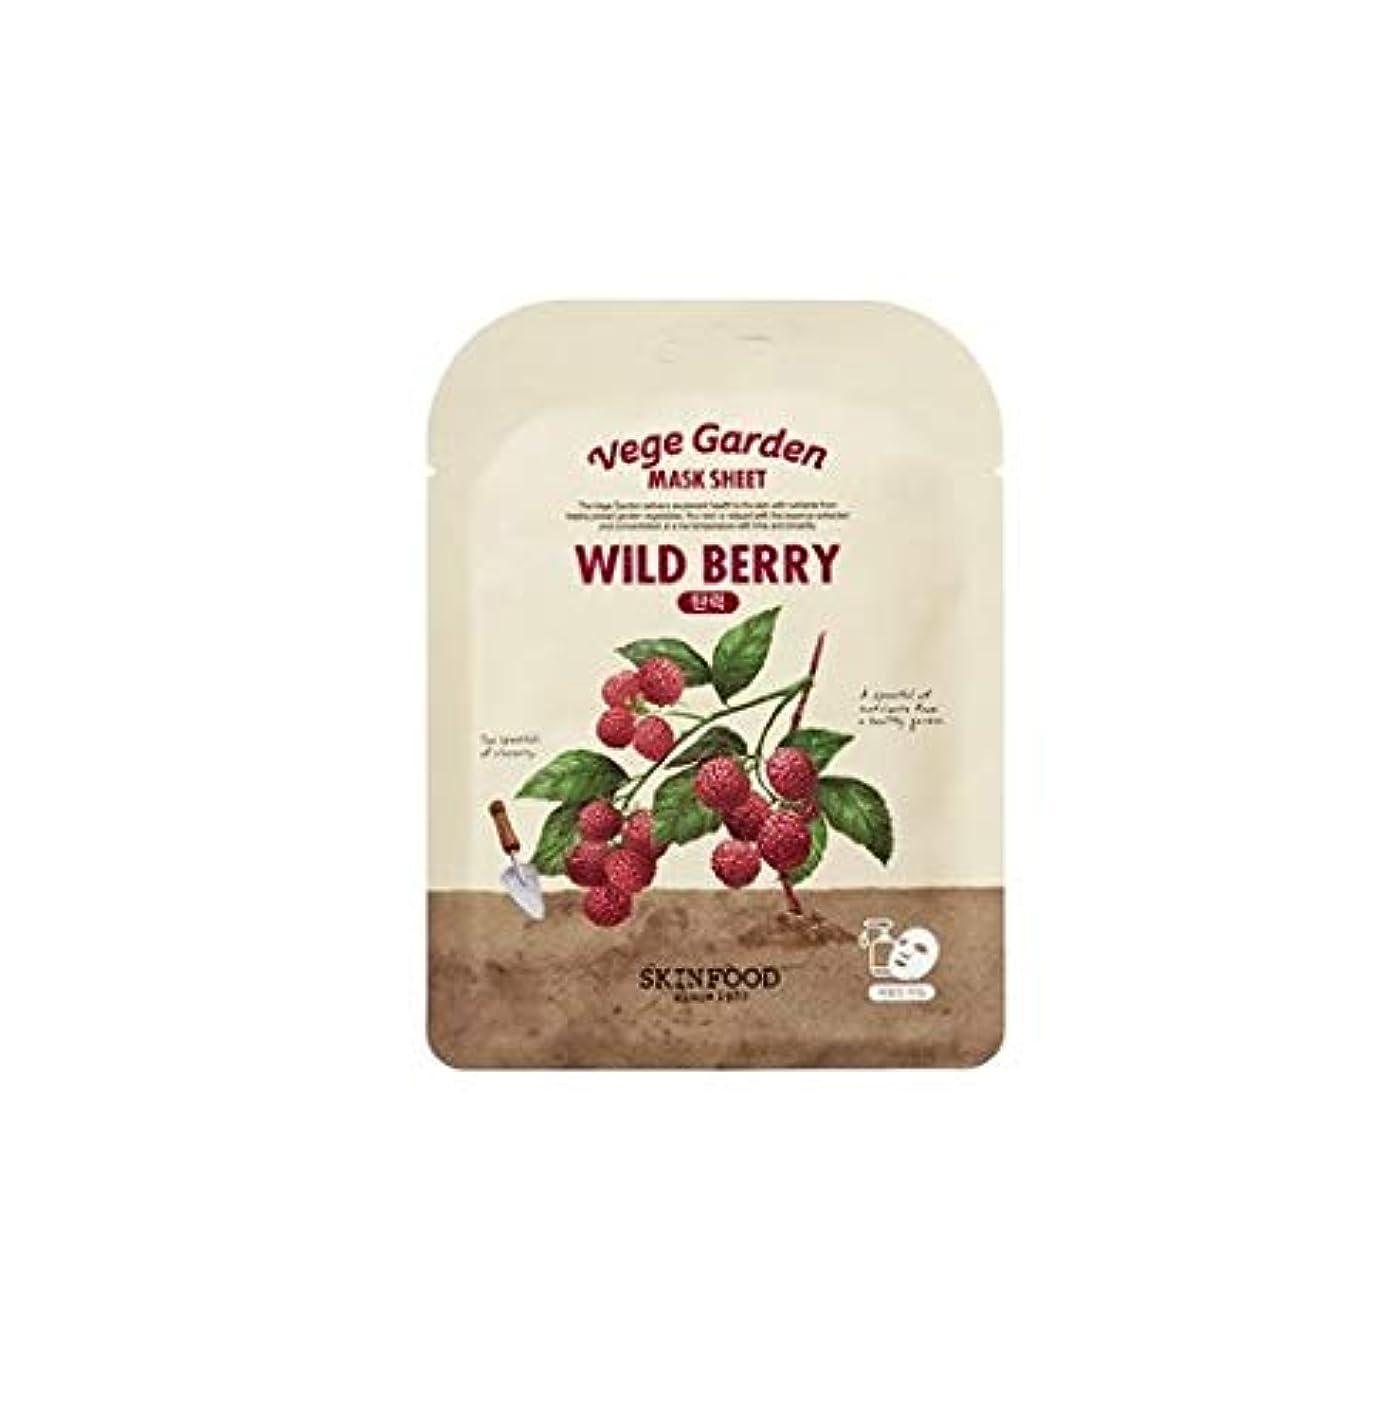 また明日ねコンパクト印象的なSkinfood ベジガーデンマスクシート#ラズベリー* 10ea / Vege Garden Mask Sheet#raspberry *10ea 20ml*10 [並行輸入品]